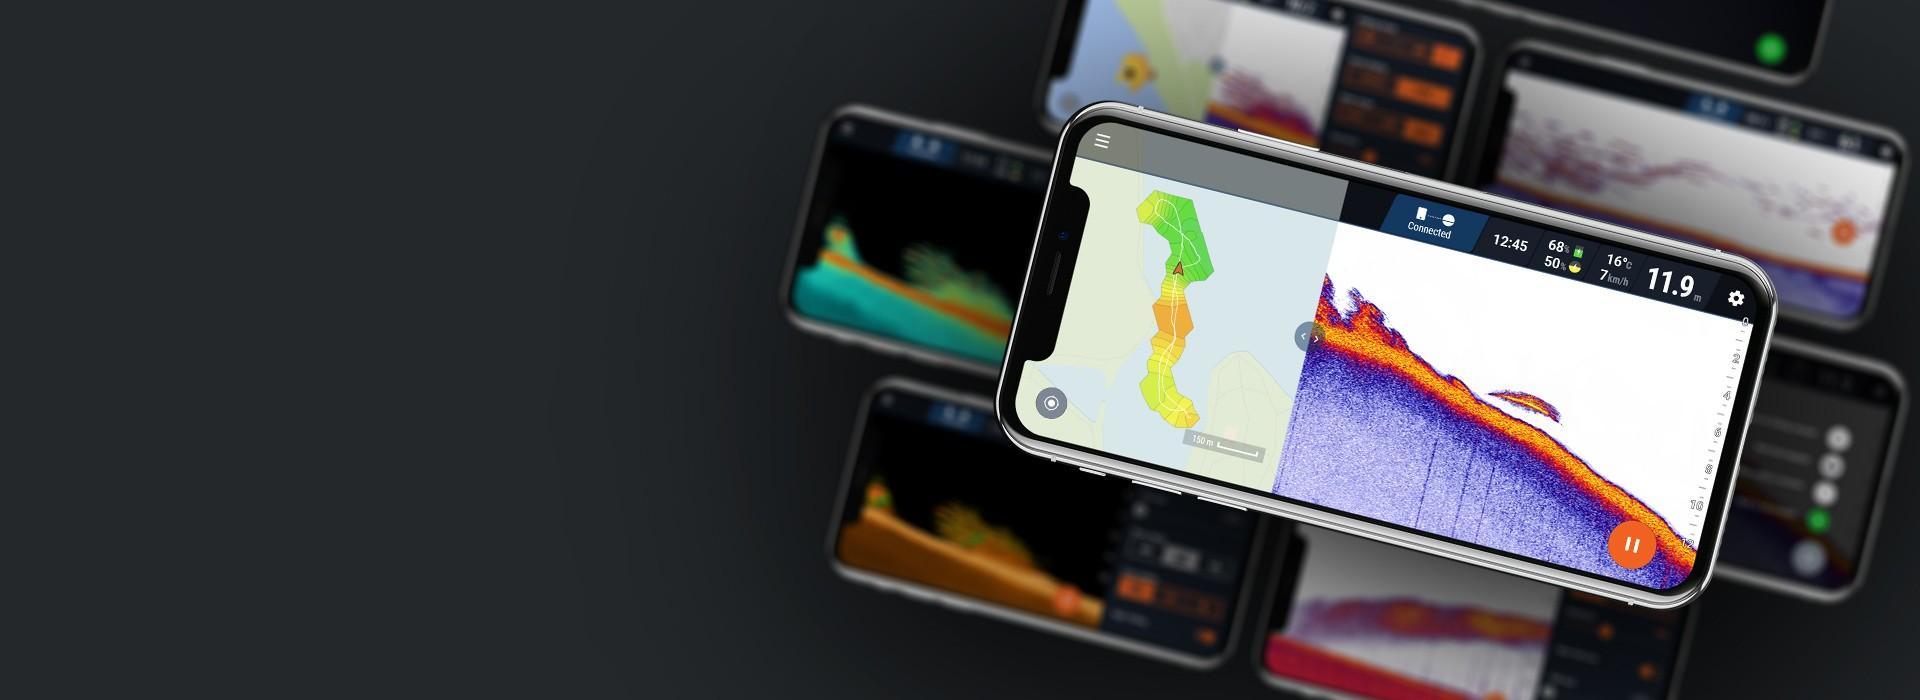 Fish Deeper 앱 2,000,000명의 낚시 애호가들이 가진 공통점은 무엇일까요?